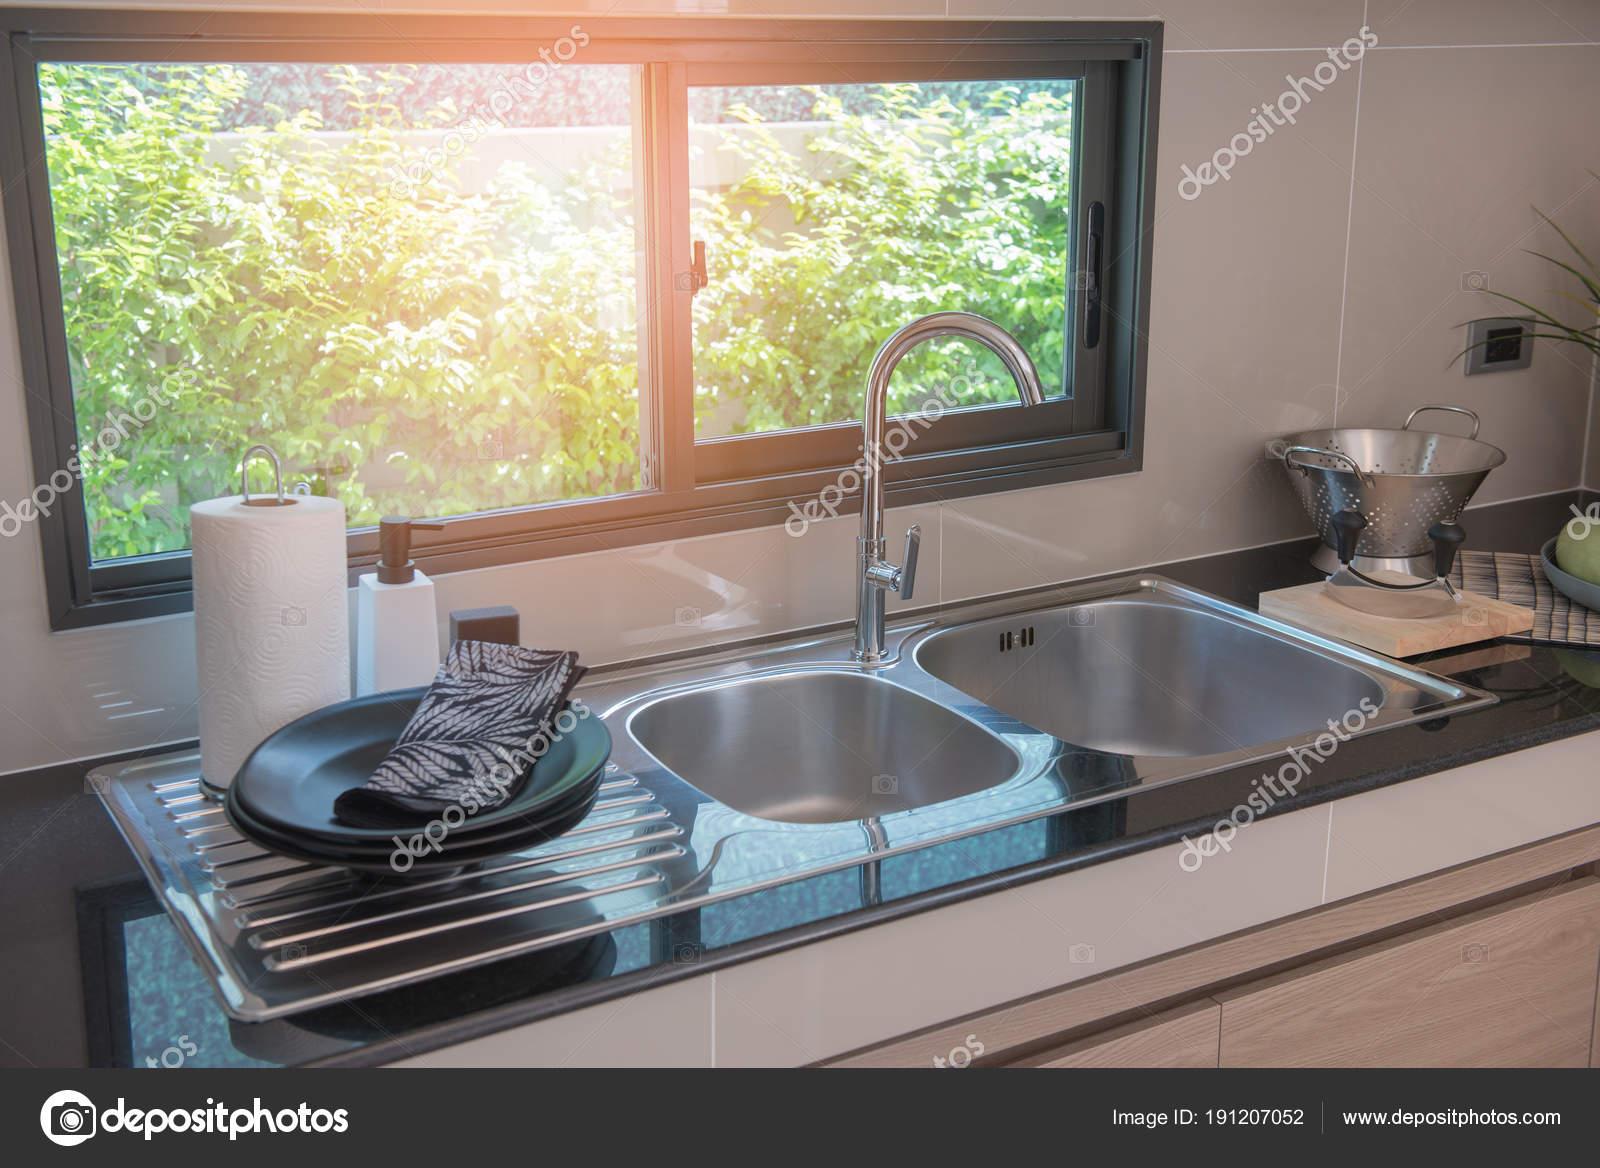 Gootsteen met kraan in keuken kamer u stockfoto